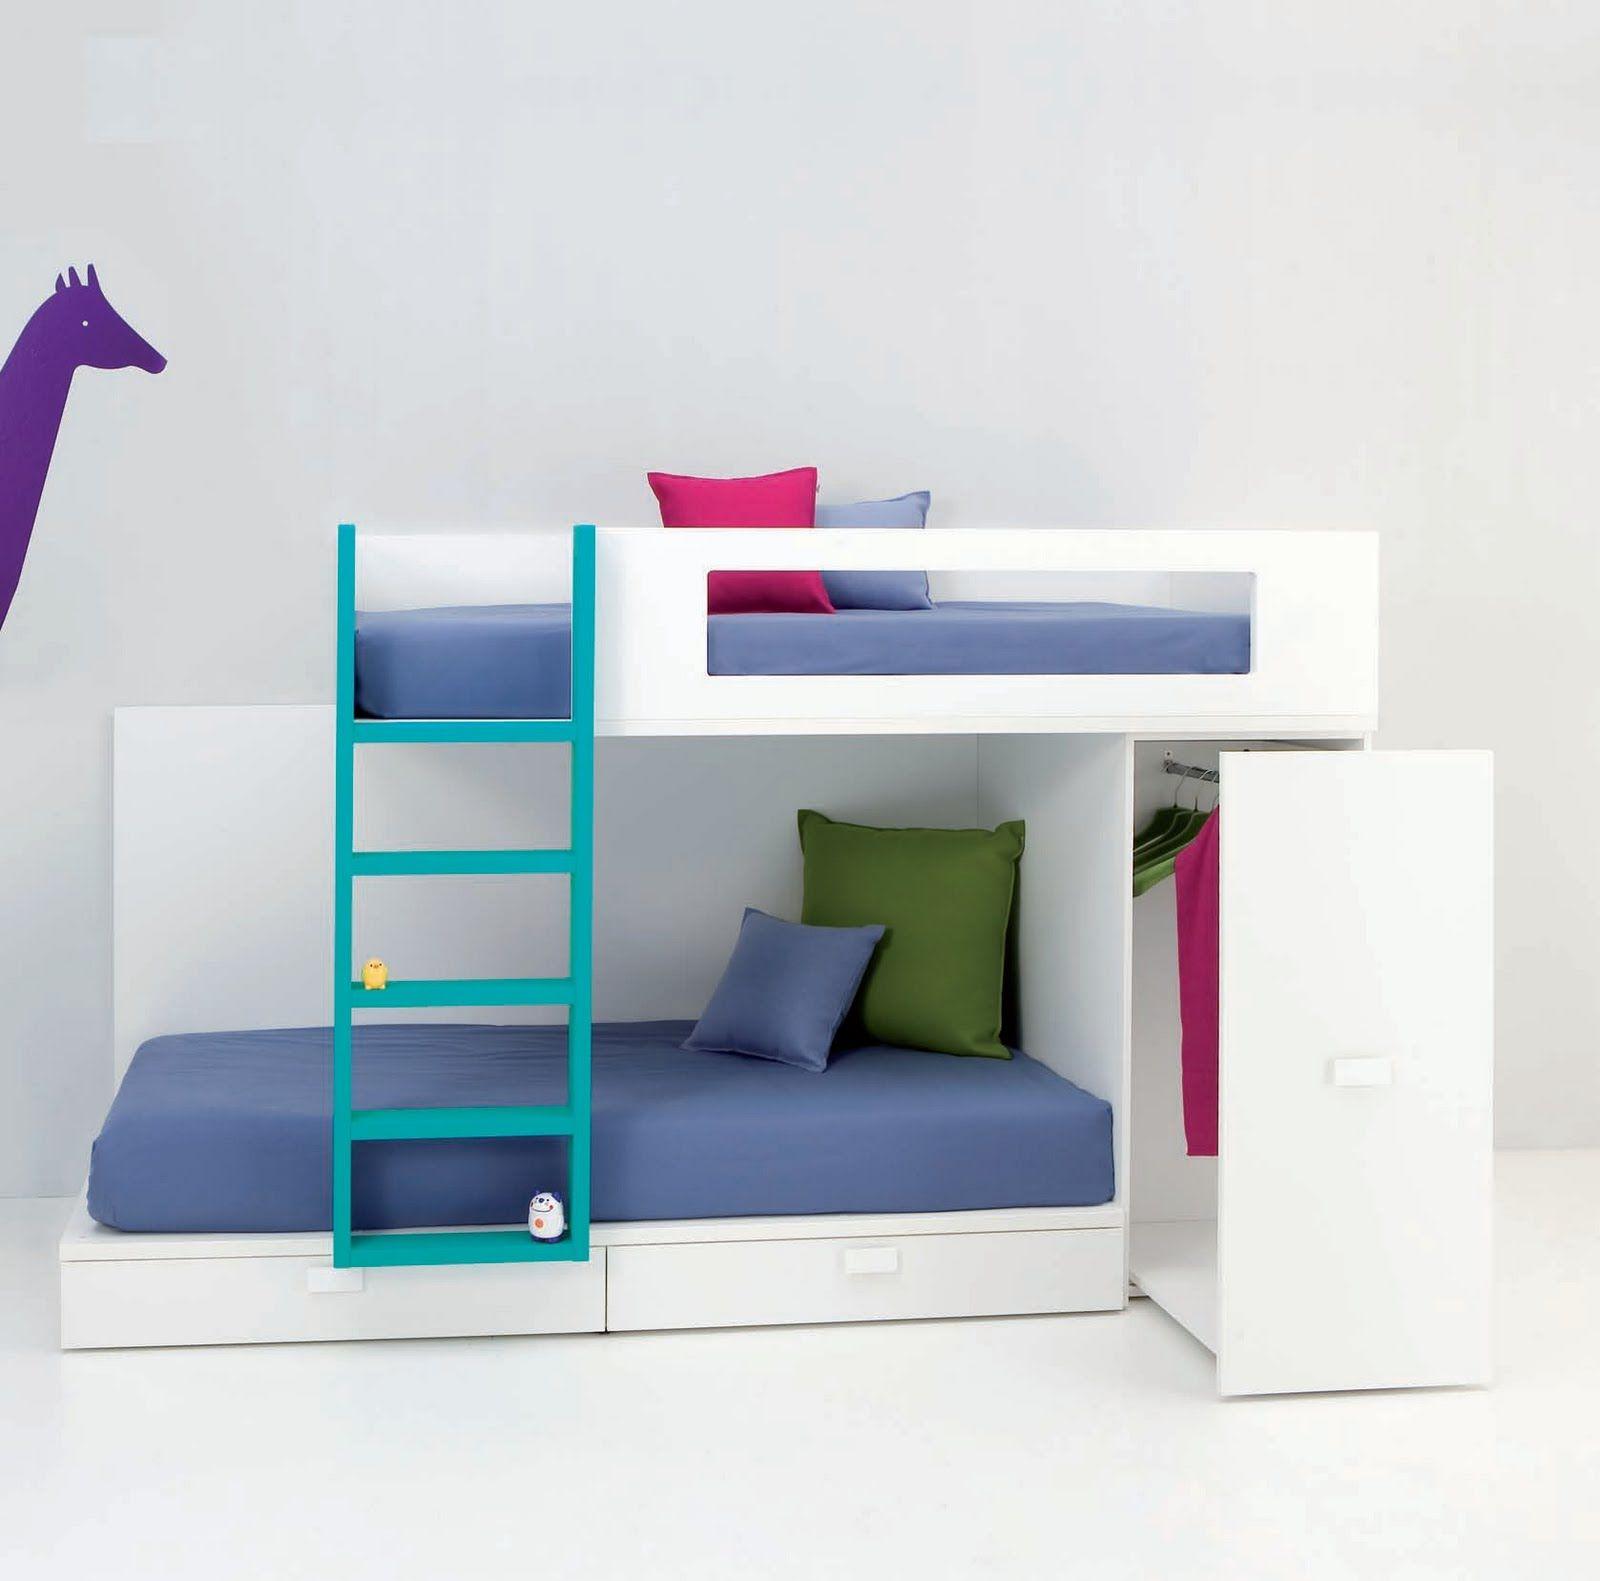 Dormitorios juveniles habitaciones infantiles y mueble - Cama para ninos pequenos ...